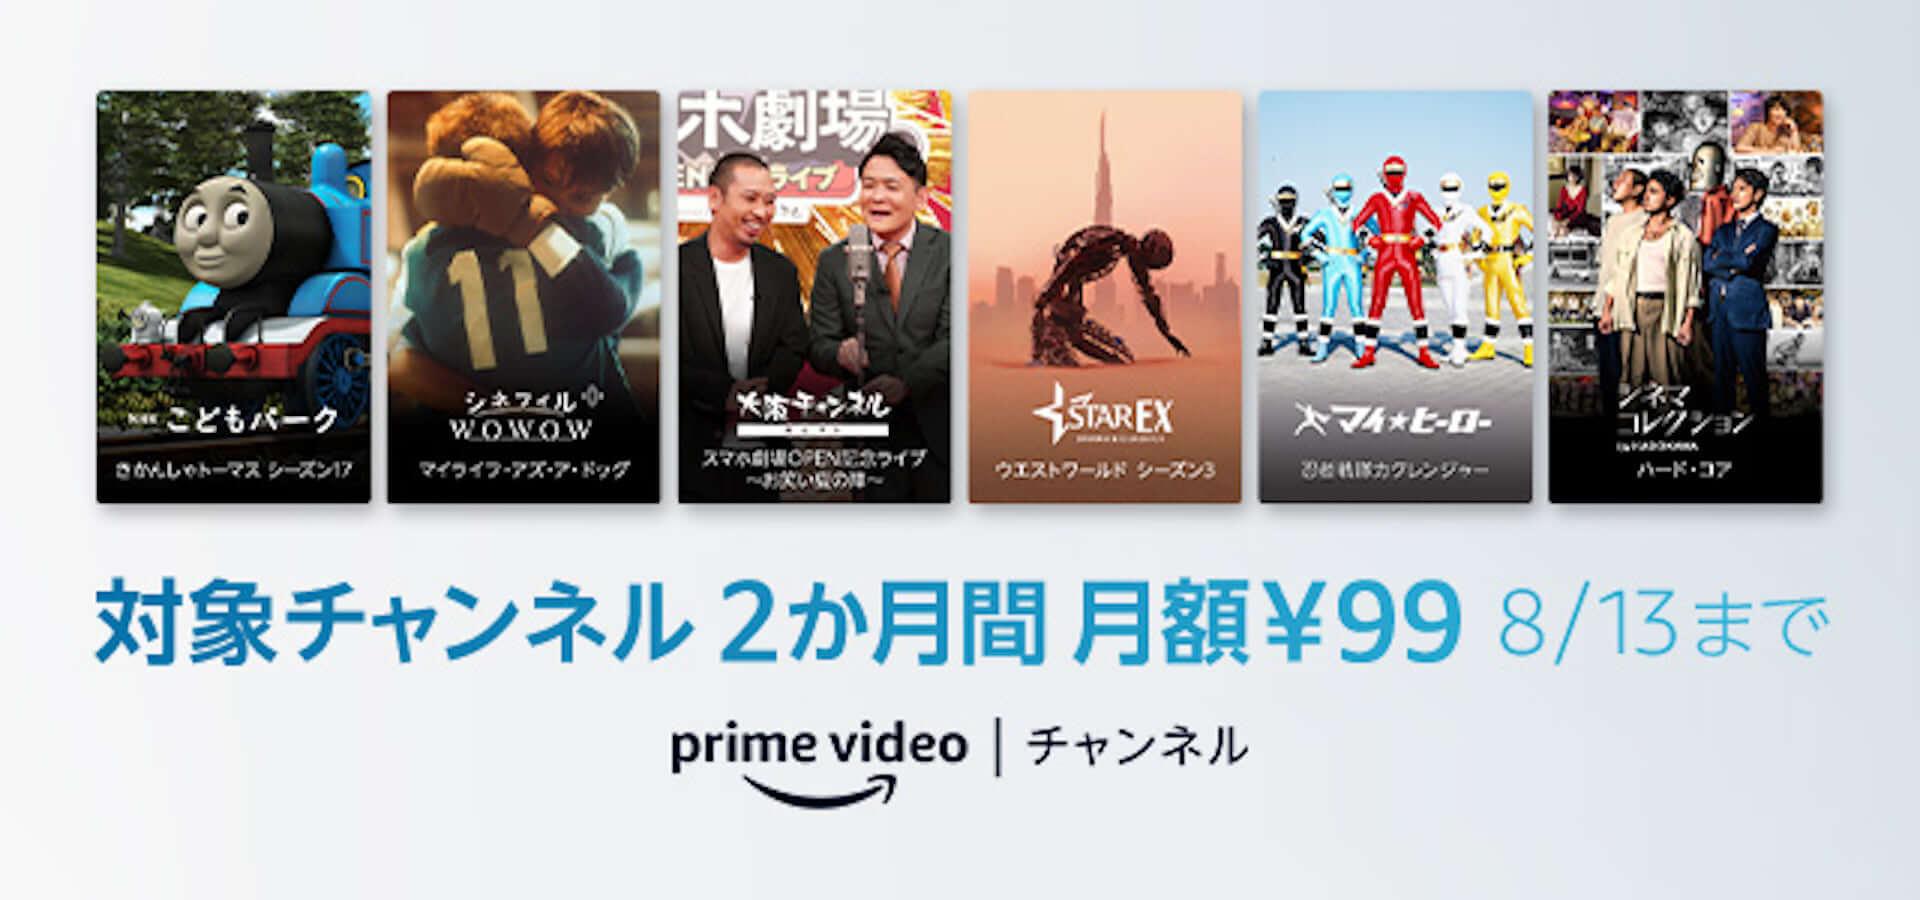 Amazon Prime Videoで松本人志『ドキュメンタル』新作や『プロメア』『七つの会議』など8月より続々配信開始!夏限定のお得なキャンペーンも開催決定 film200728_amazon-prime-video_8-1920x900